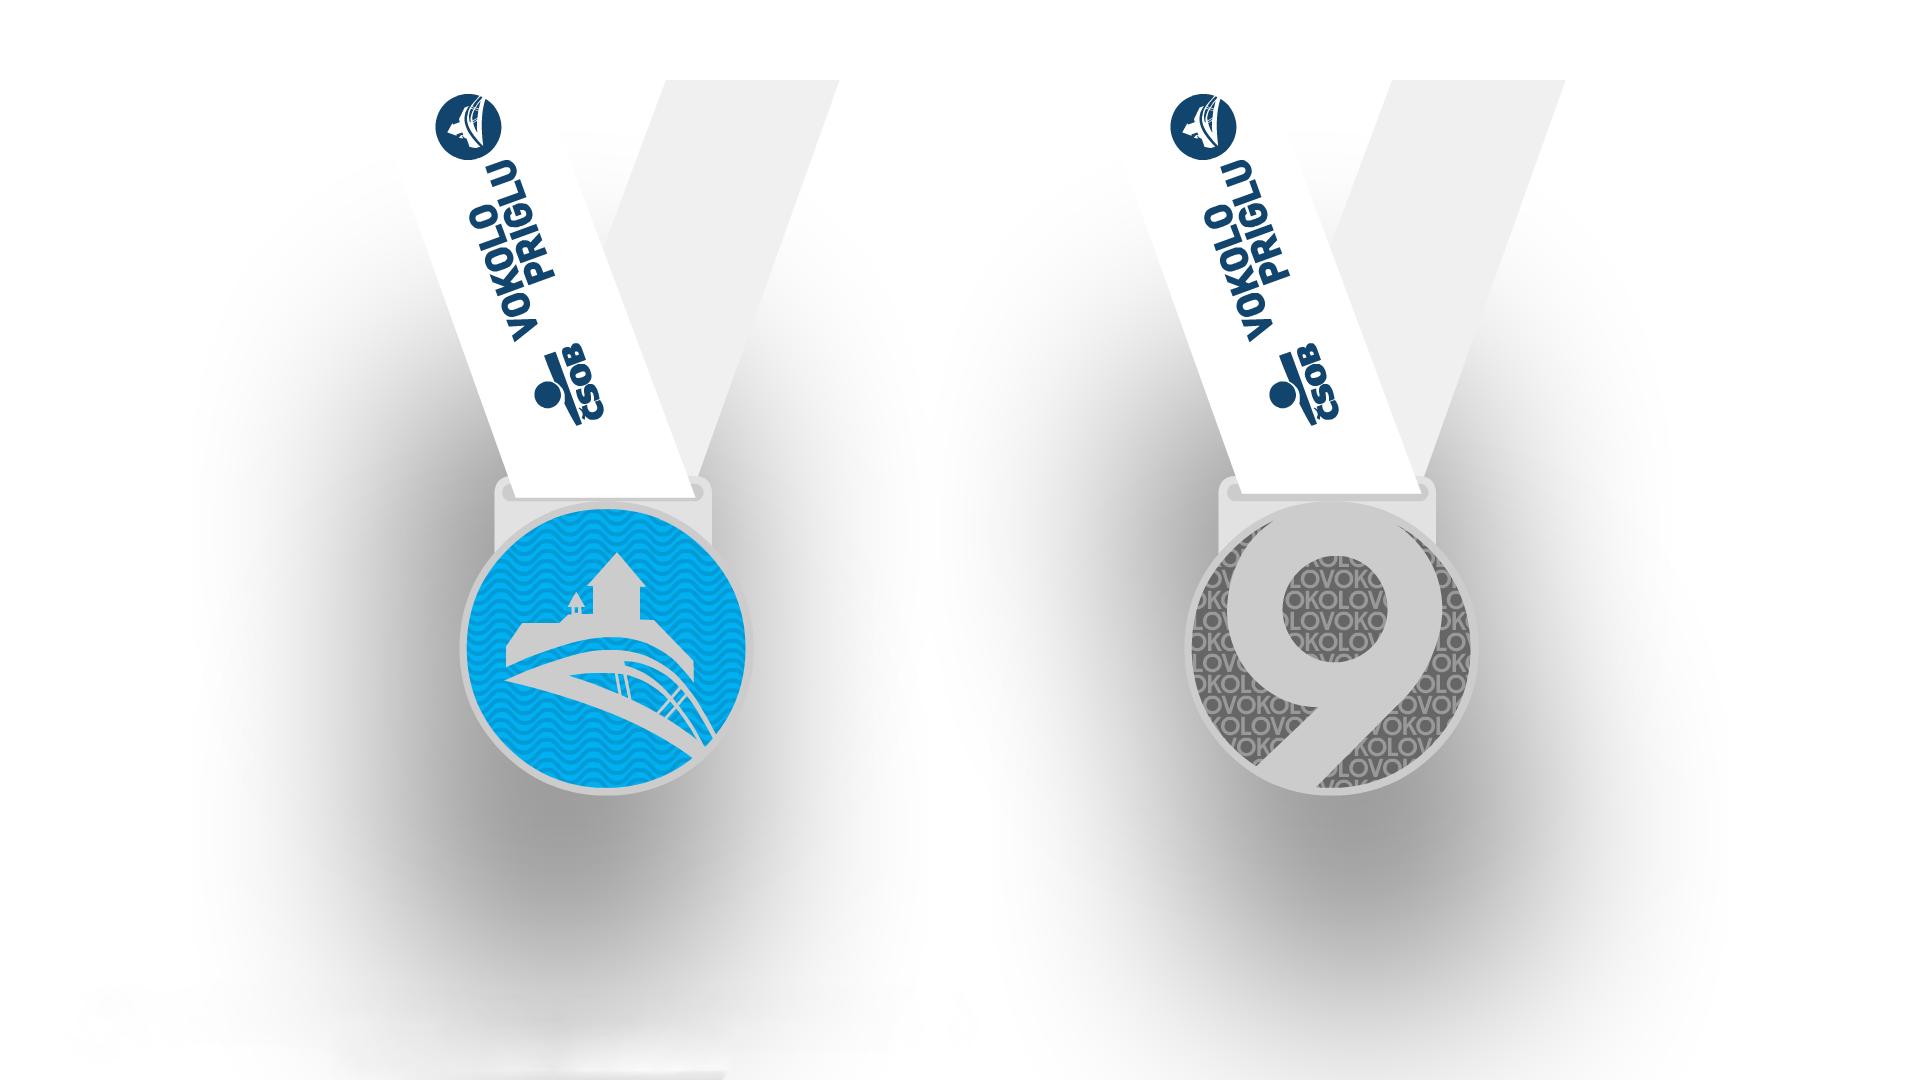 Medaile 2018